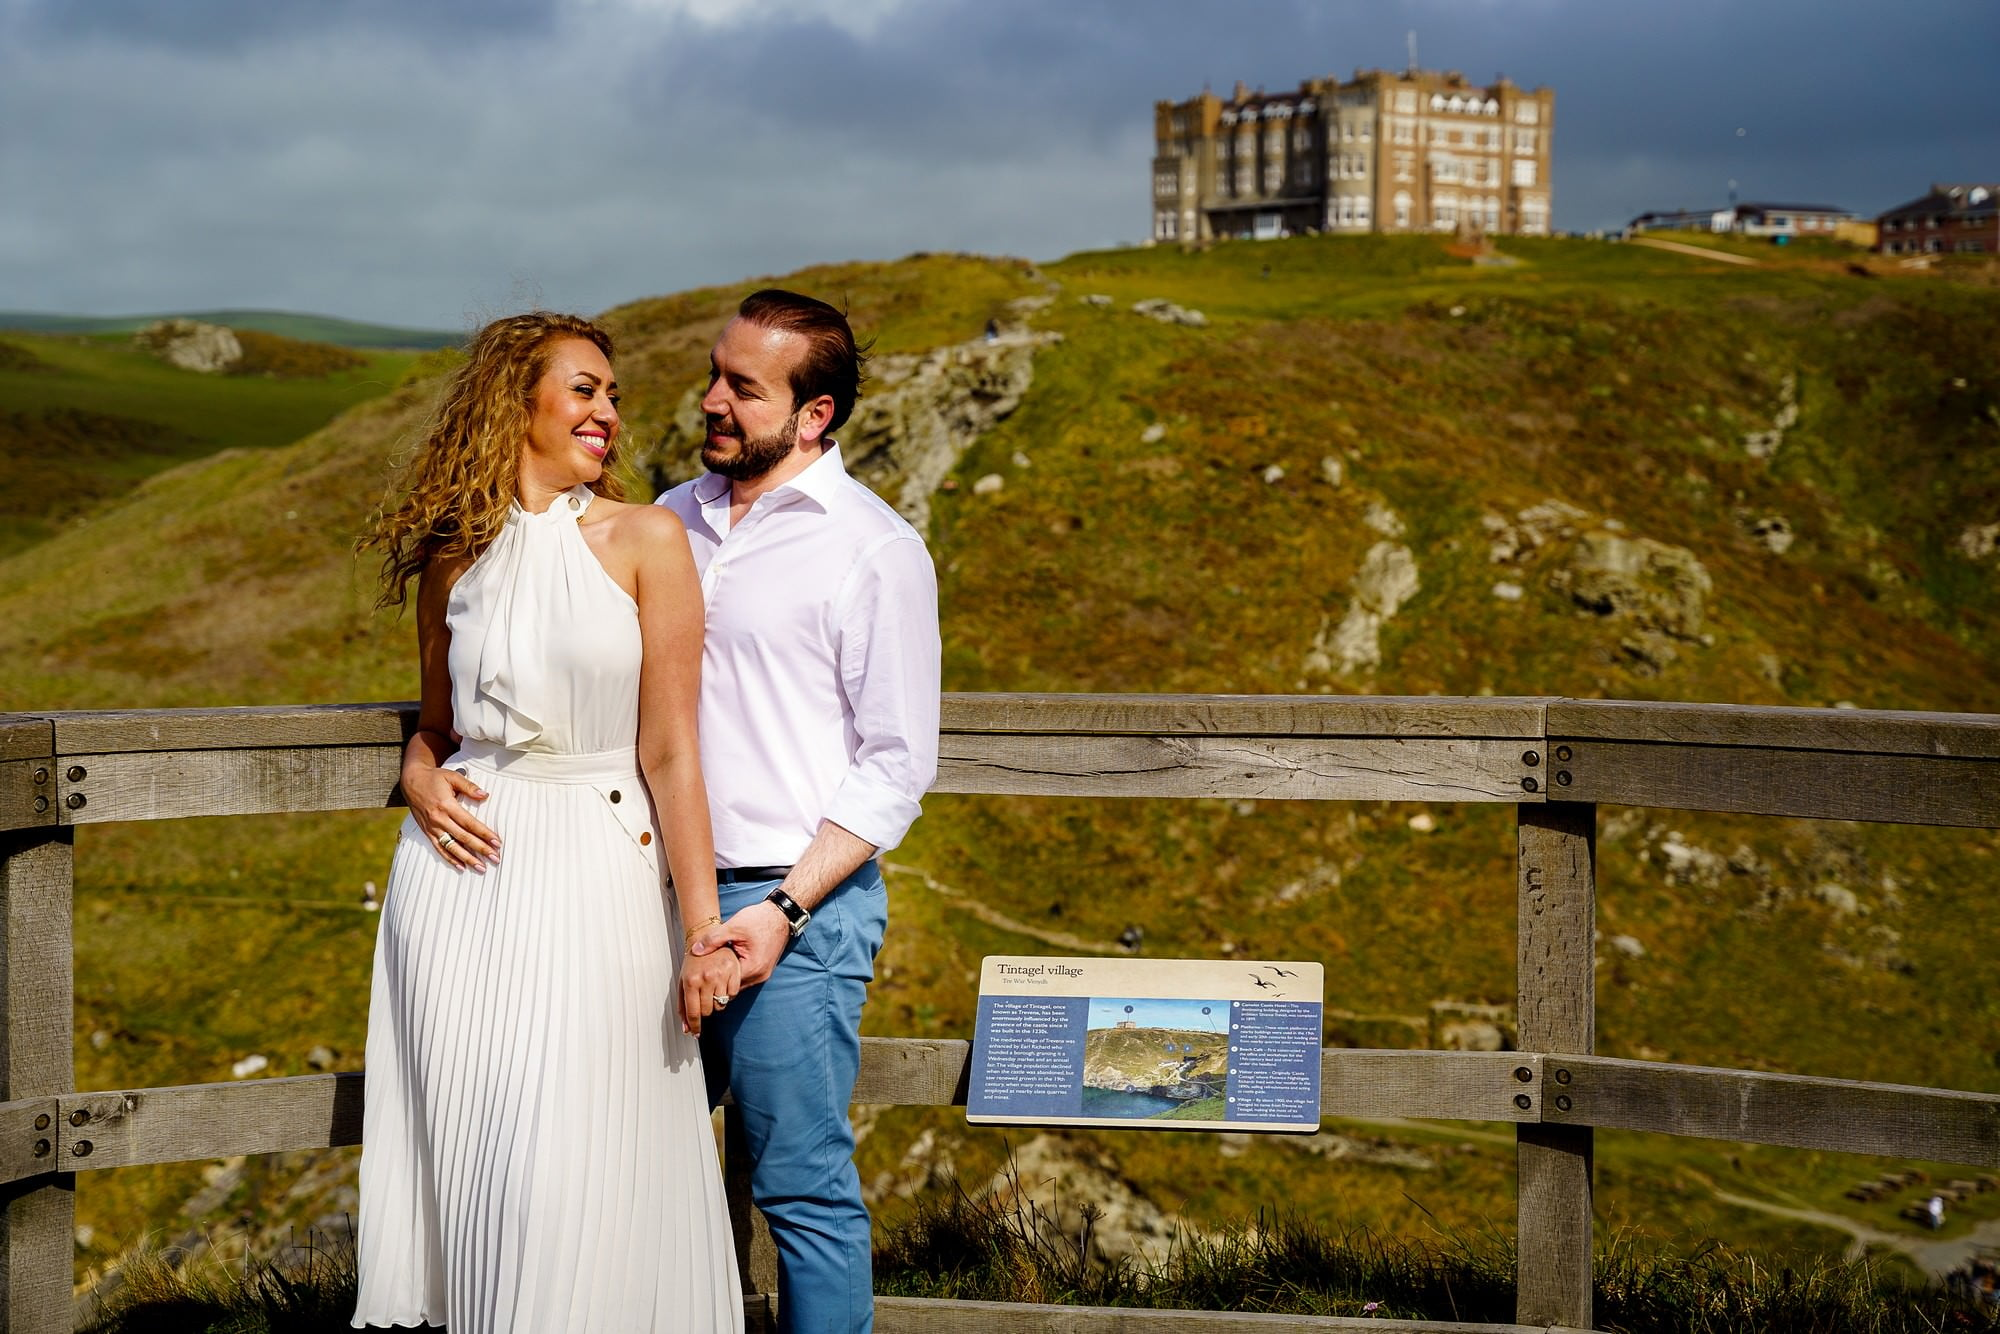 Tintagel-wedding-proposal 6